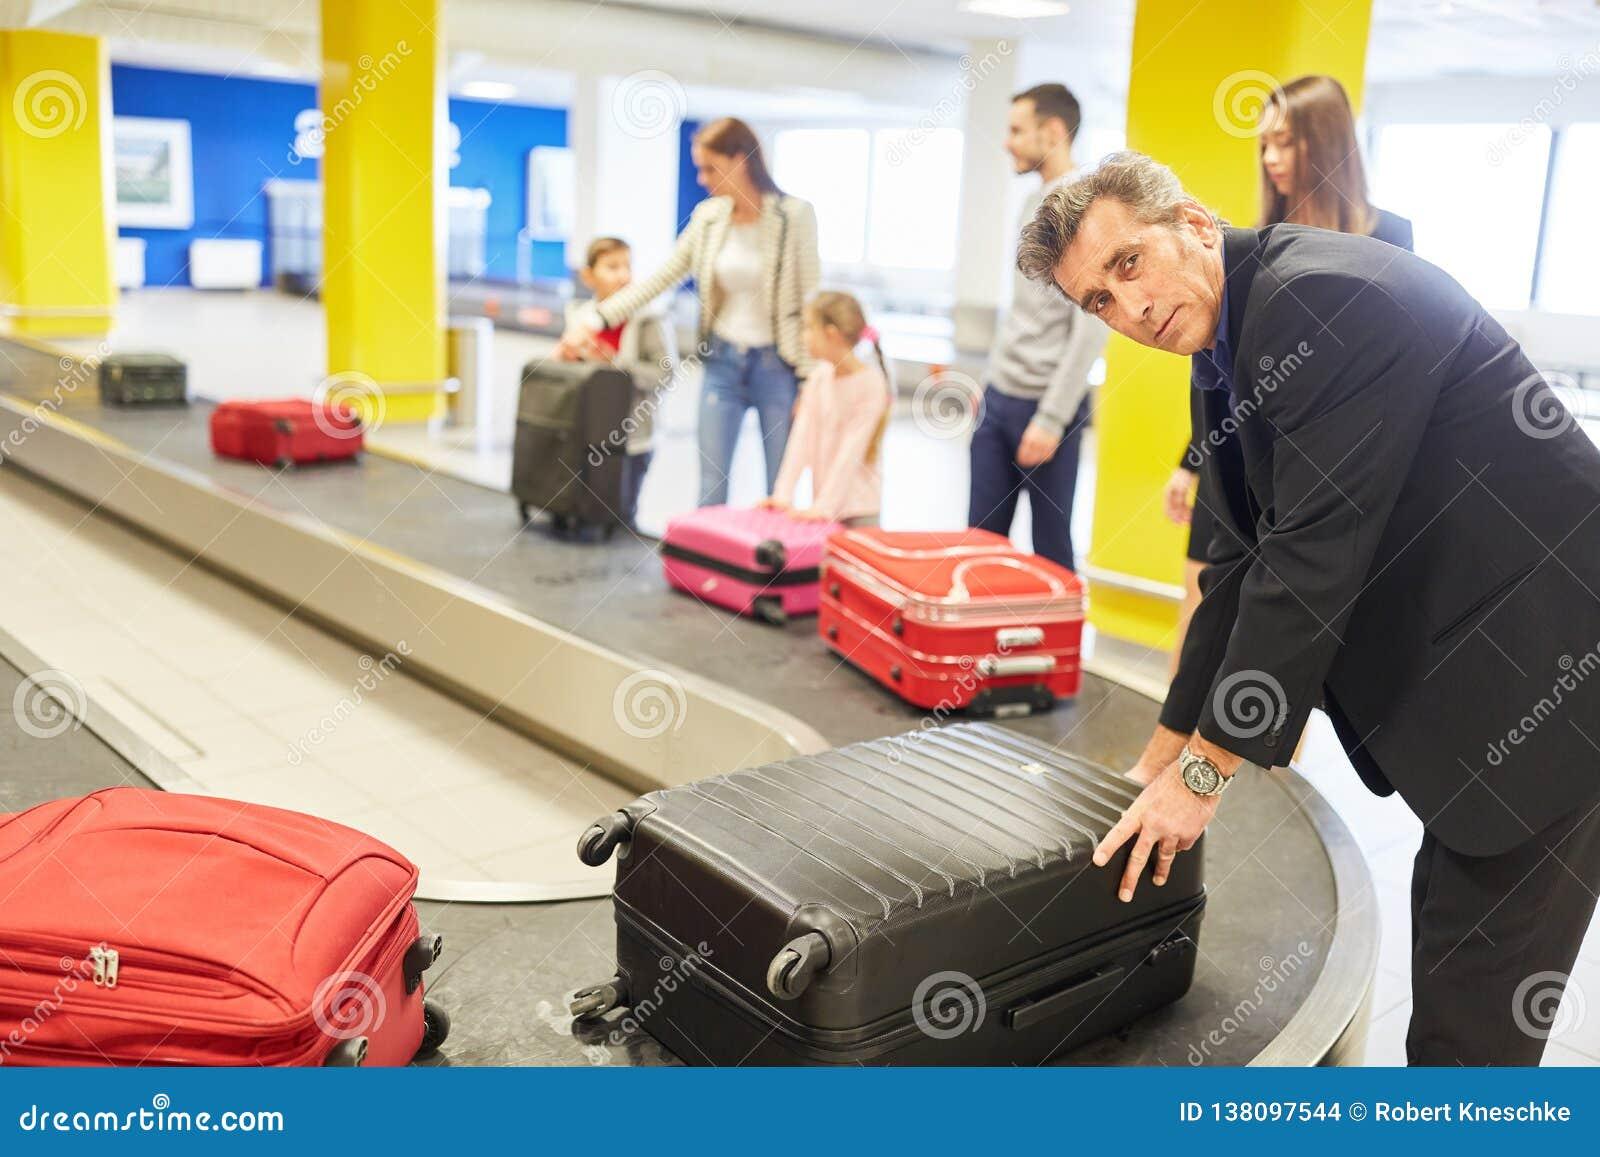 El hombre de negocios y otros pasajeros traen su equipaje